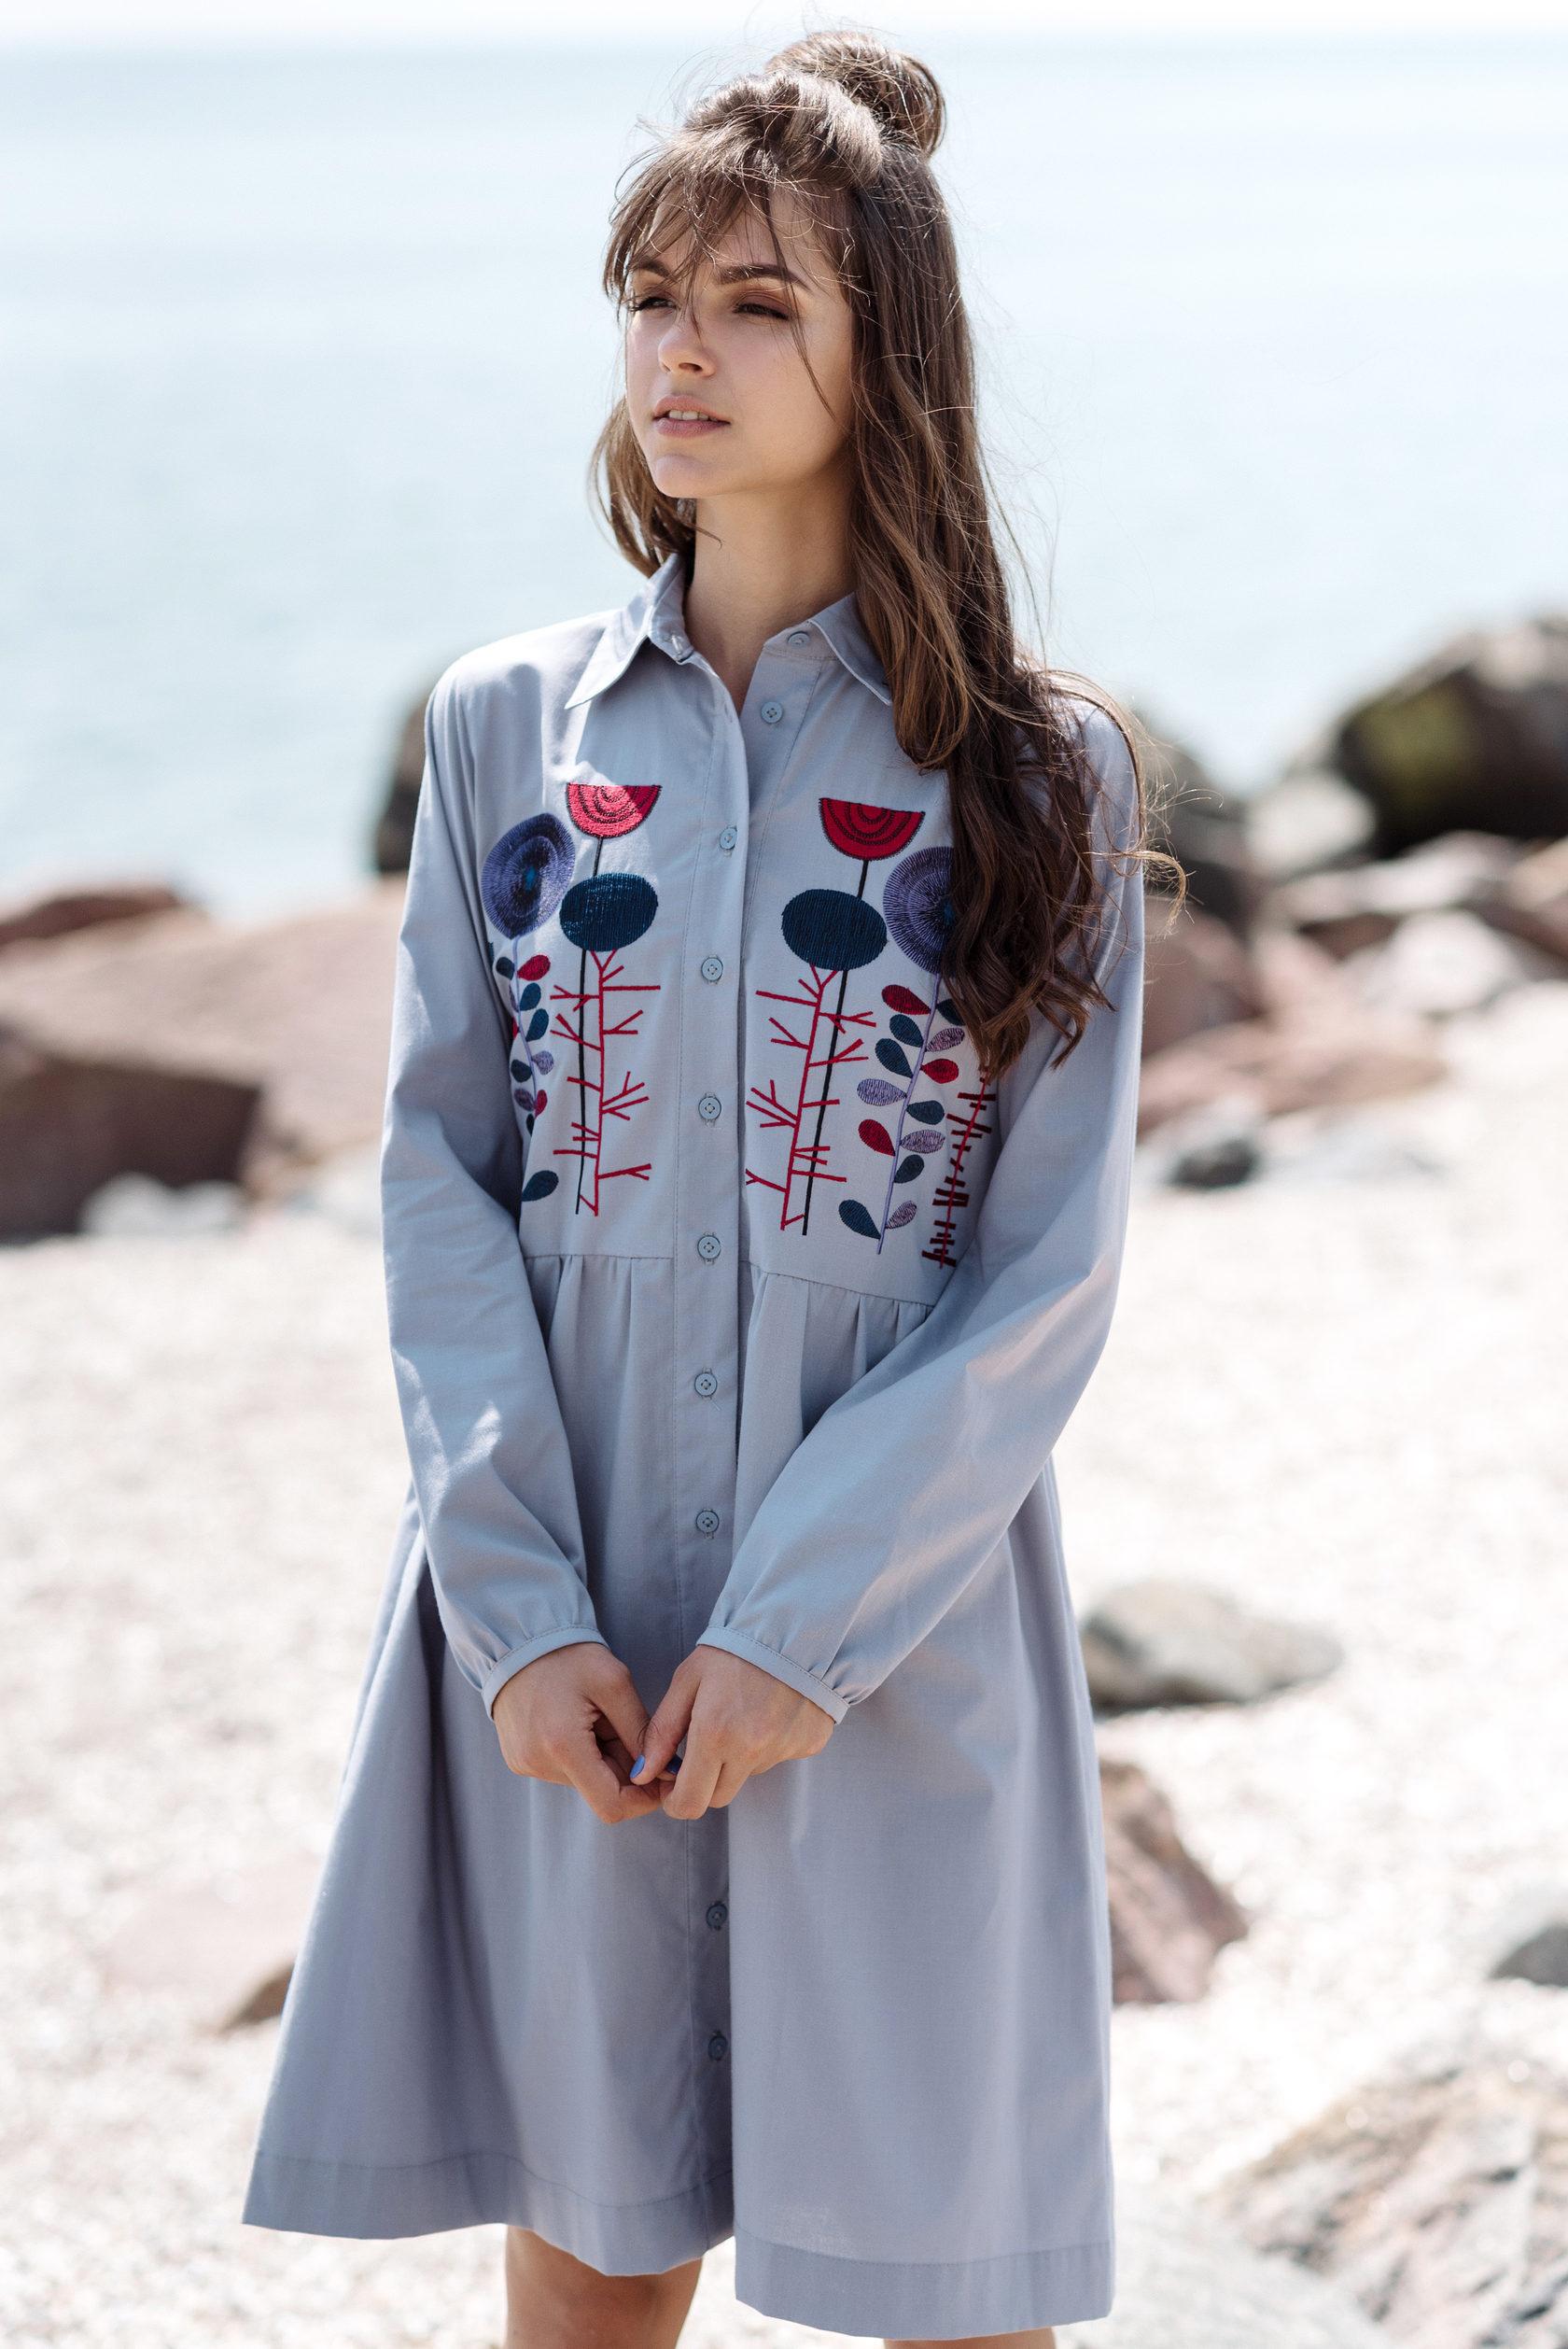 57296a7054614d Вишивка у вигляді квіткового орнаменту доповнює фасон сукні. Така одежа  прекрасно підійде на кожен день, її можна надягати на урочисту подію чи на  роботу.